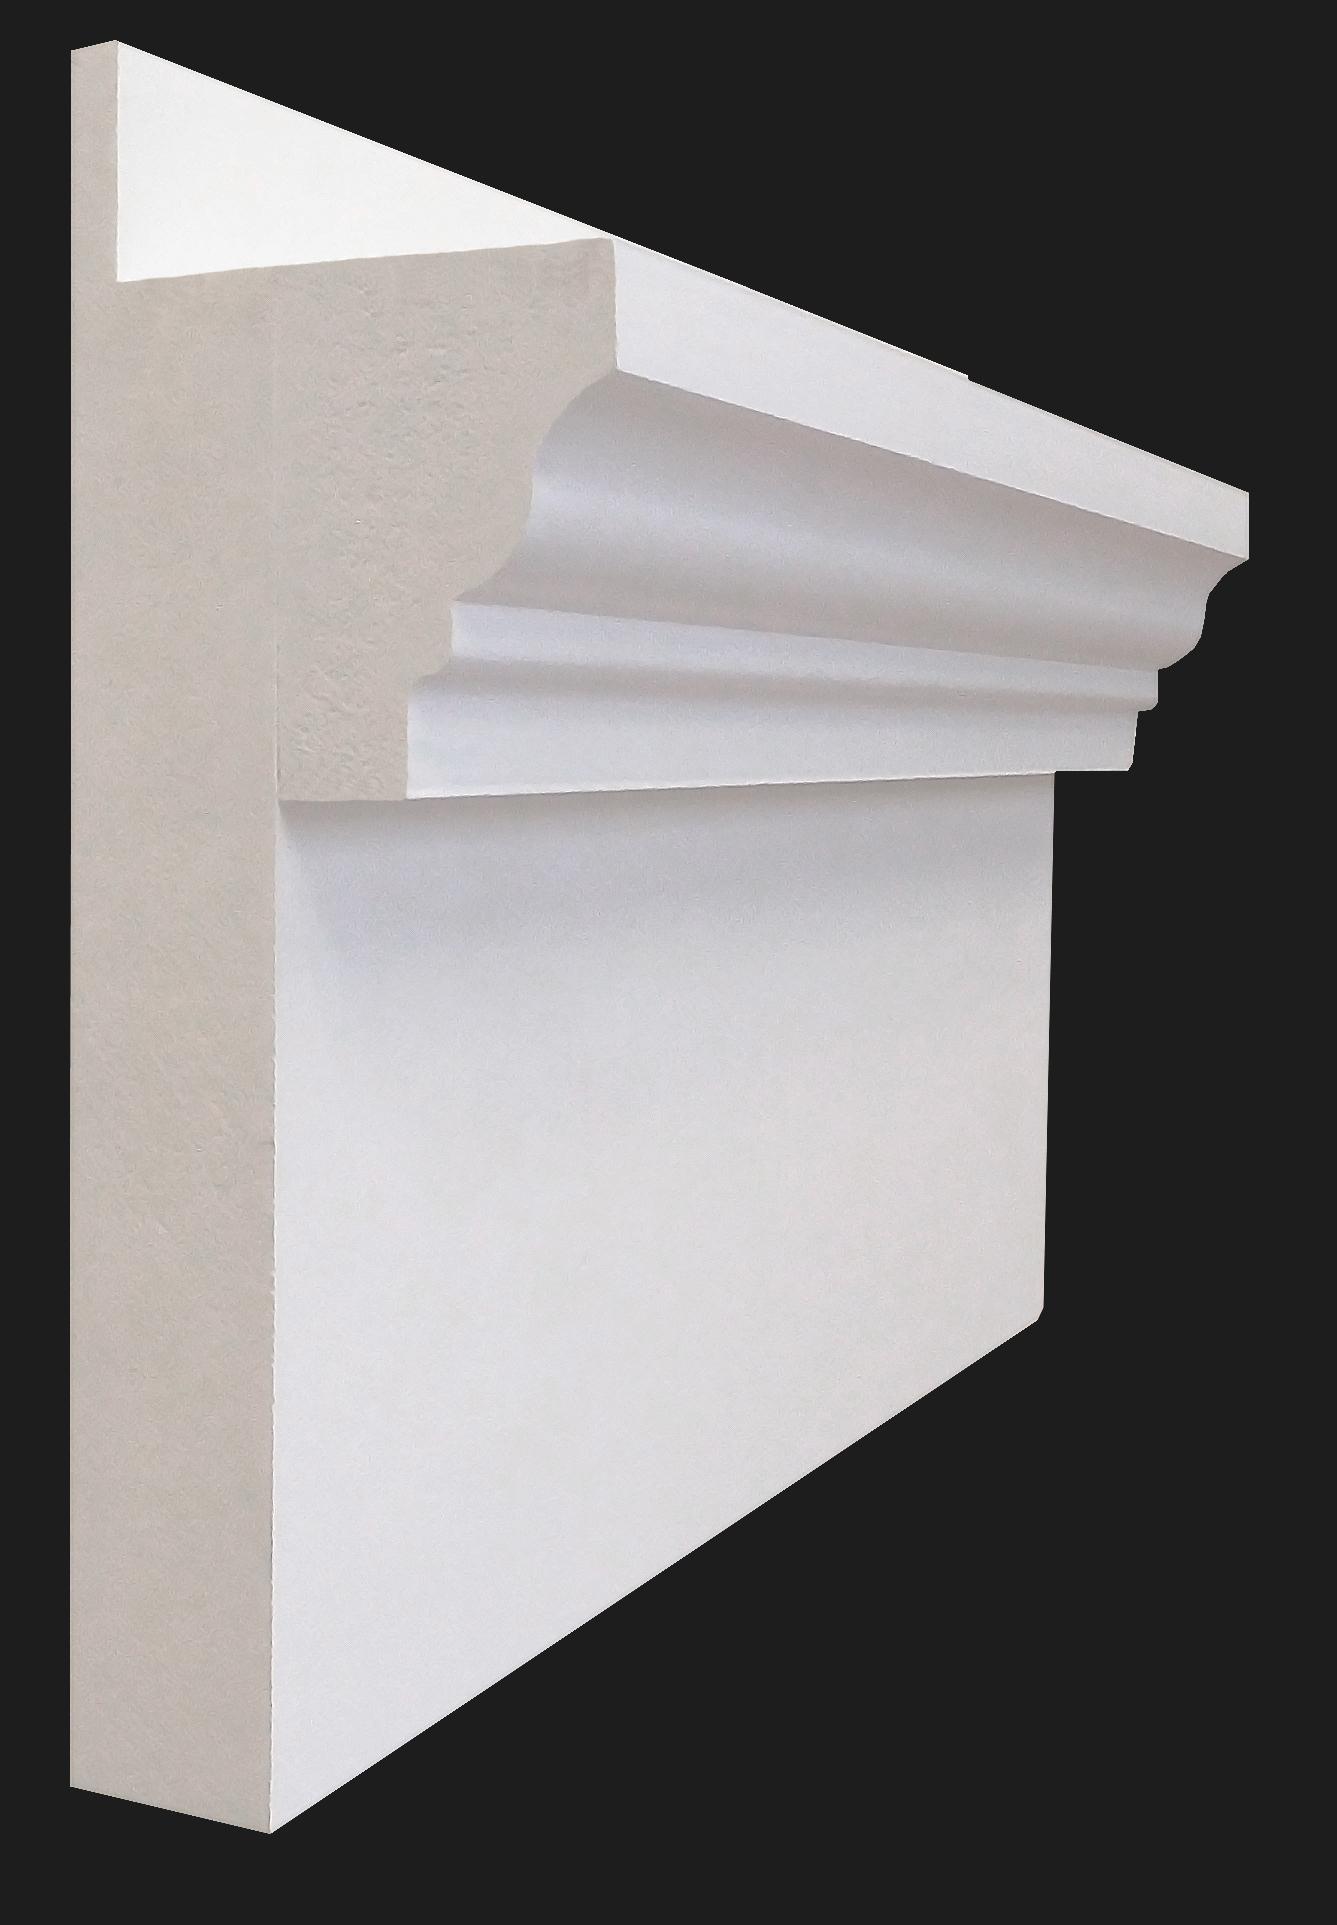 Versatex Introduces Pvc Crosshead Pediment Moulding Profile